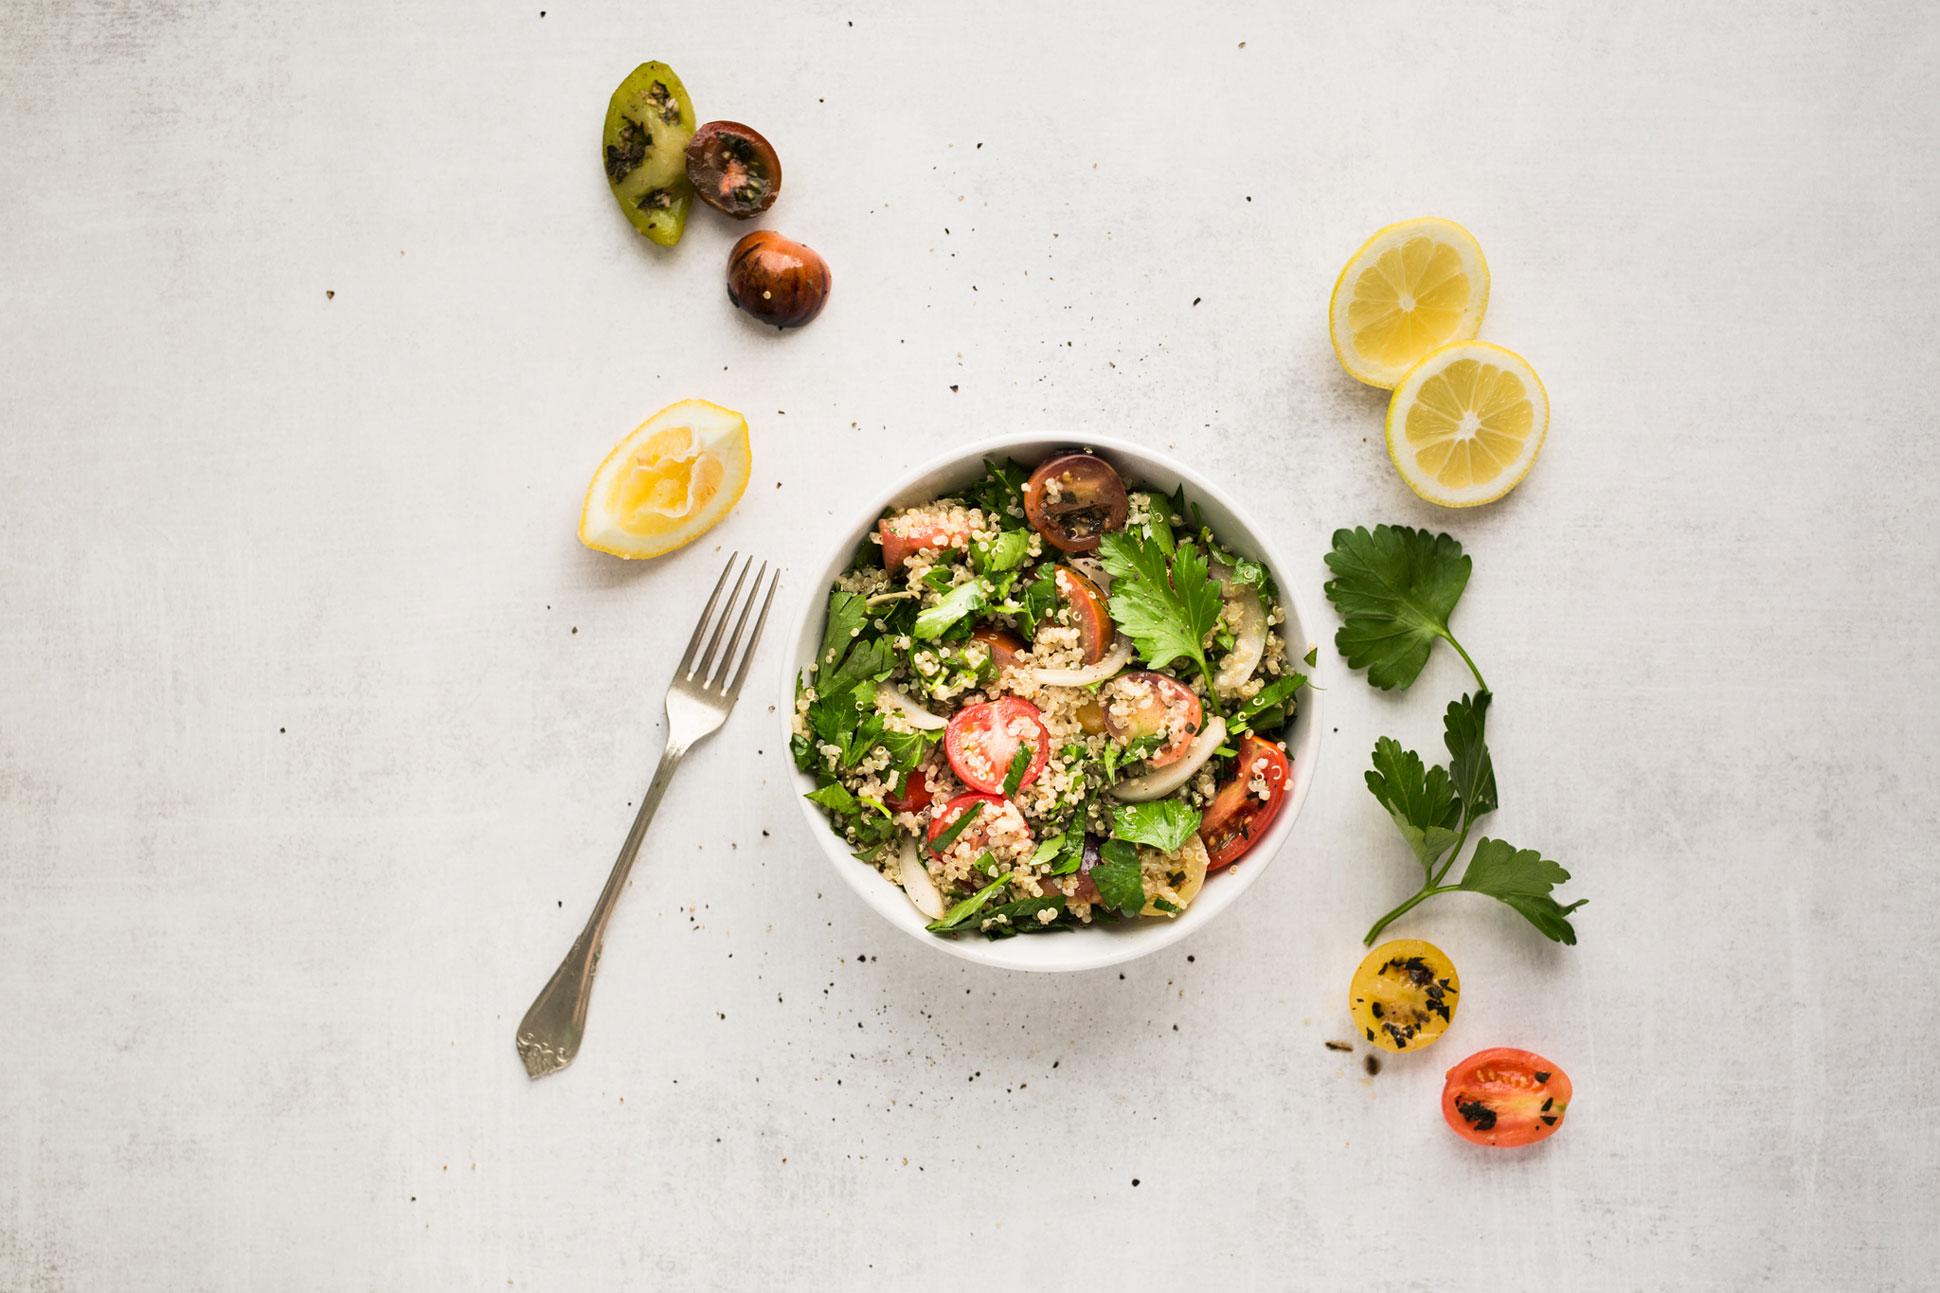 Summer-Quinoa-Salad-Breakfast-Dish.jpg